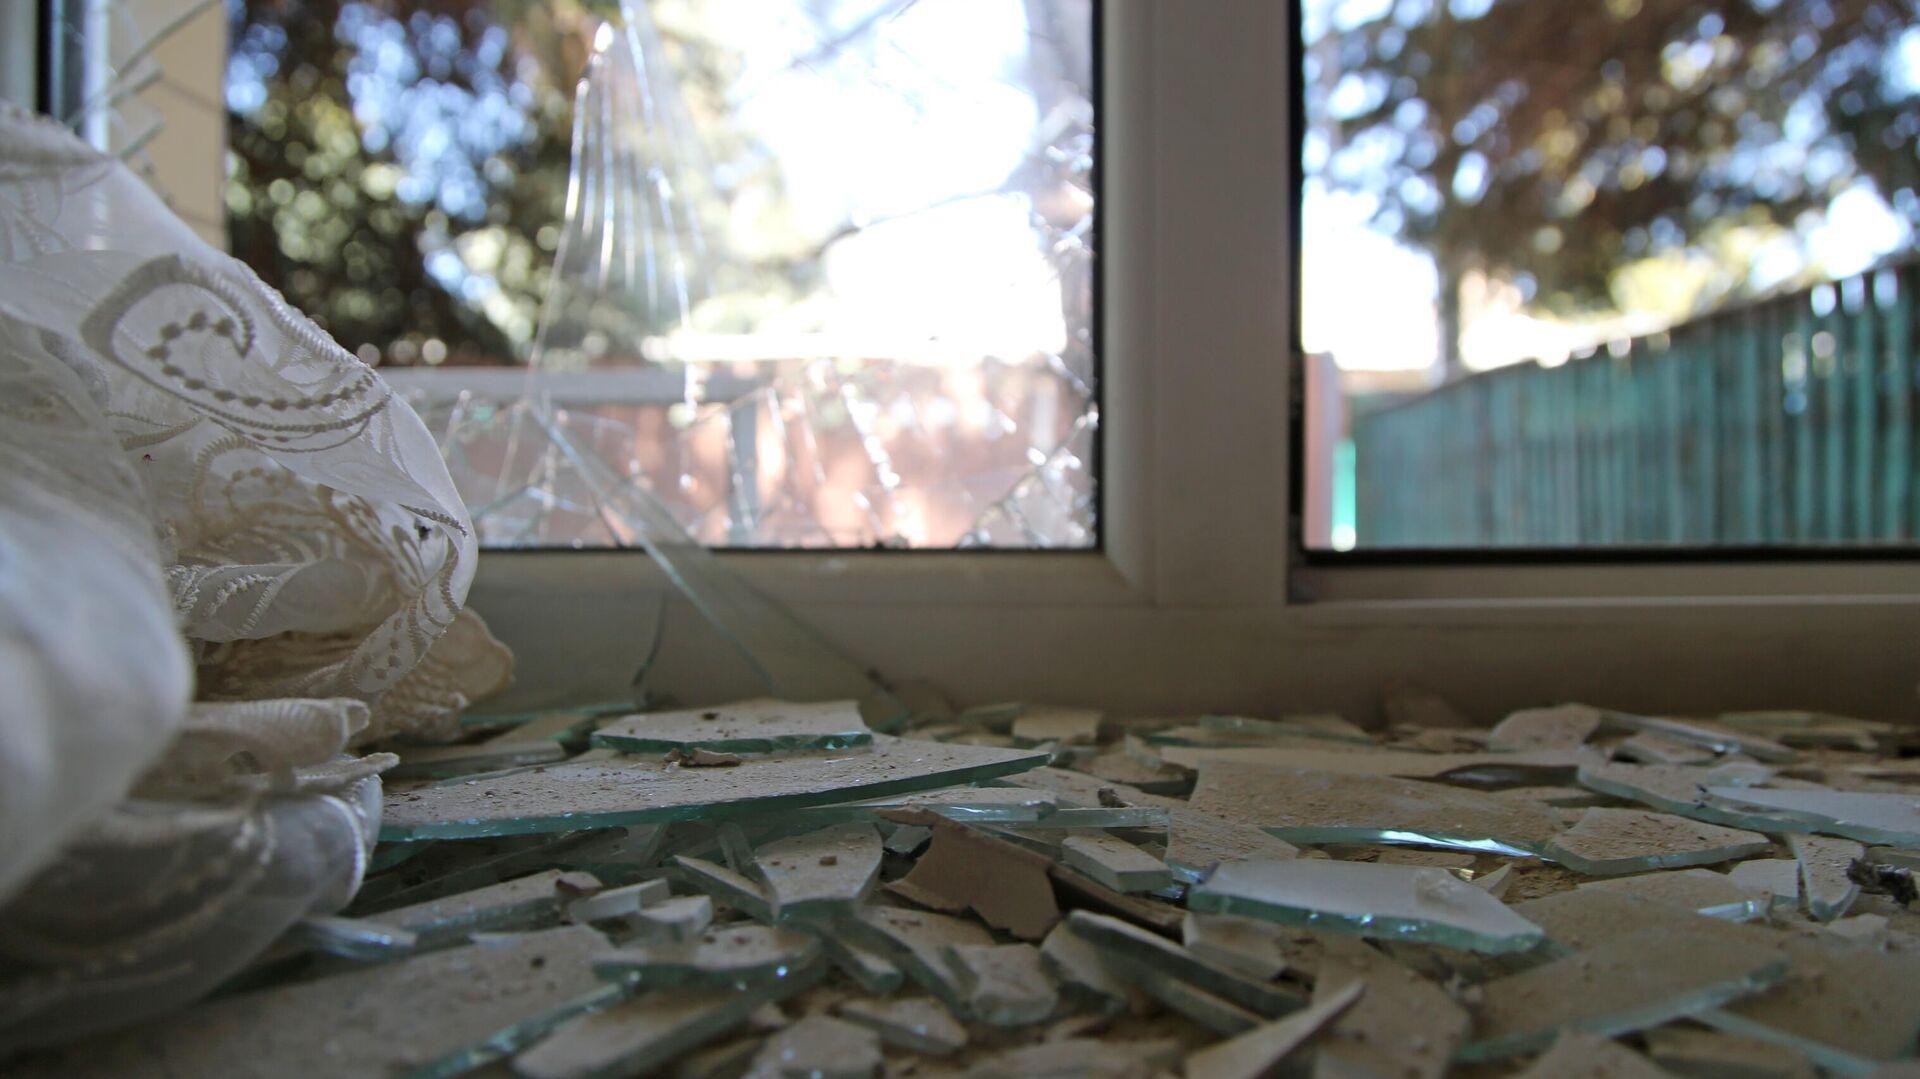 Разбитое окно дома, поврежденное разрывом снаряда в результате обстрела в Петровском районе Донецка - РИА Новости, 1920, 28.09.2021